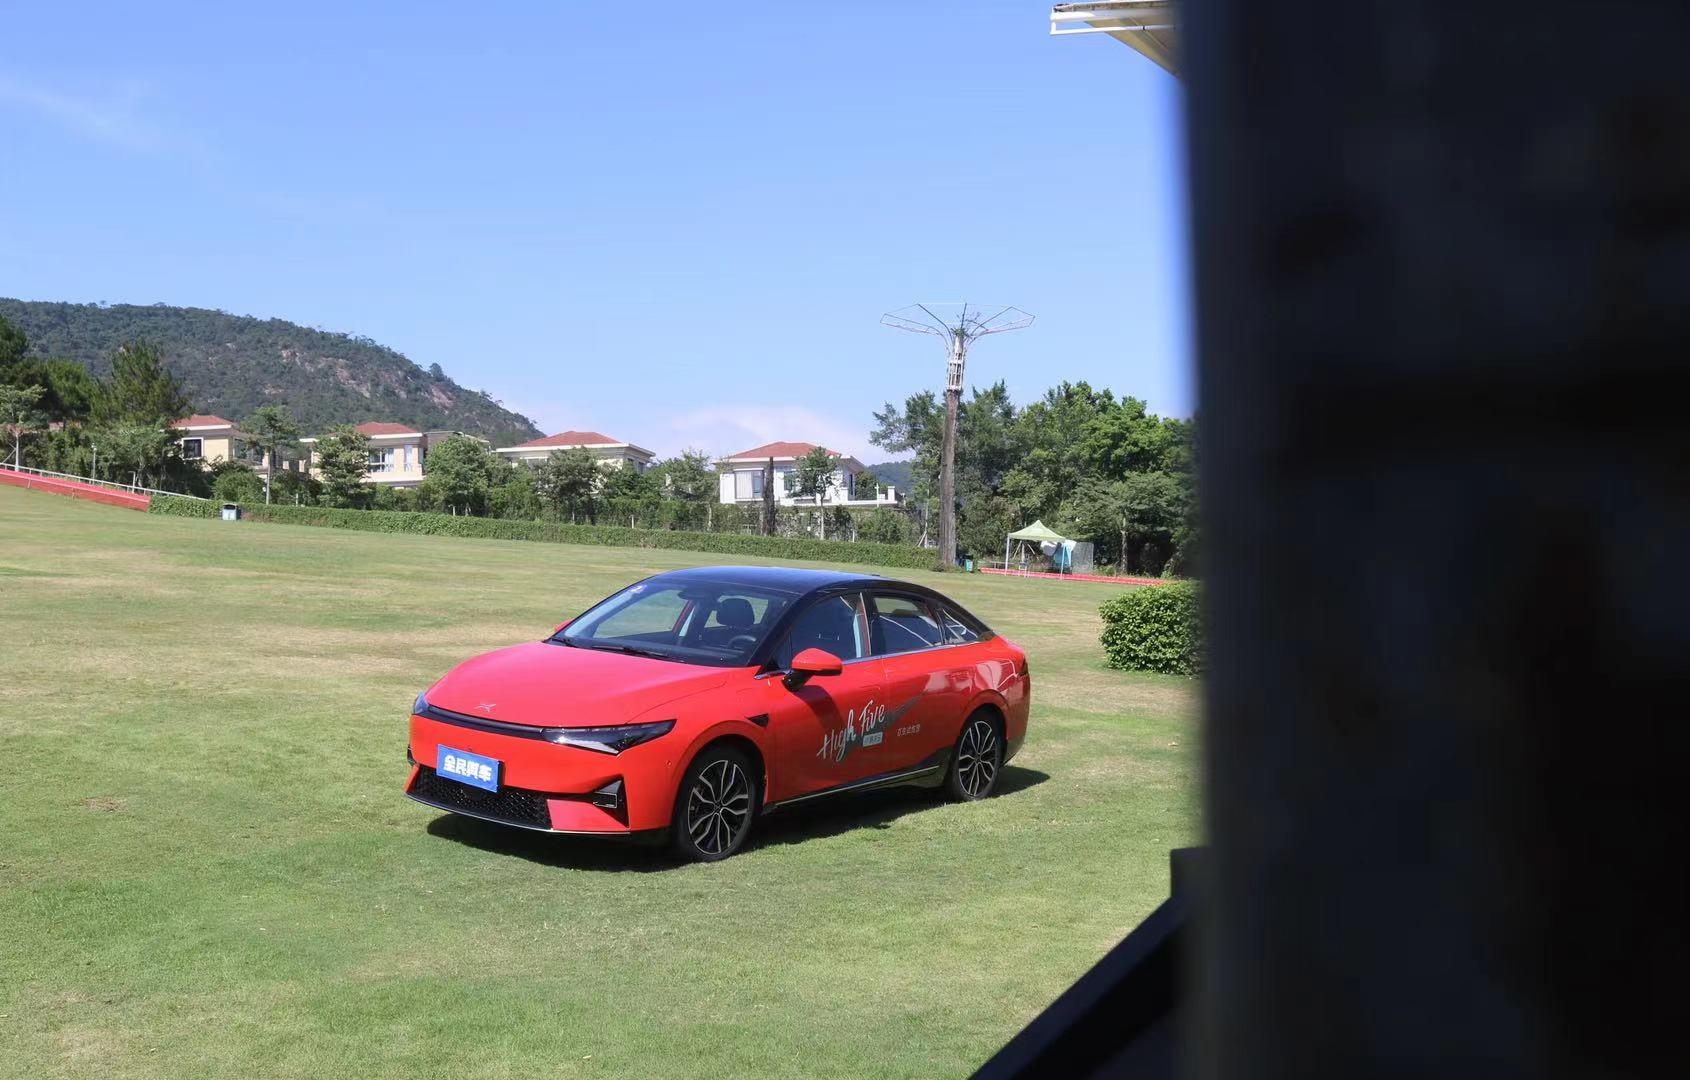 体验小鹏第三款量产车型-P5,综合实力最强的20万级纯电家轿?